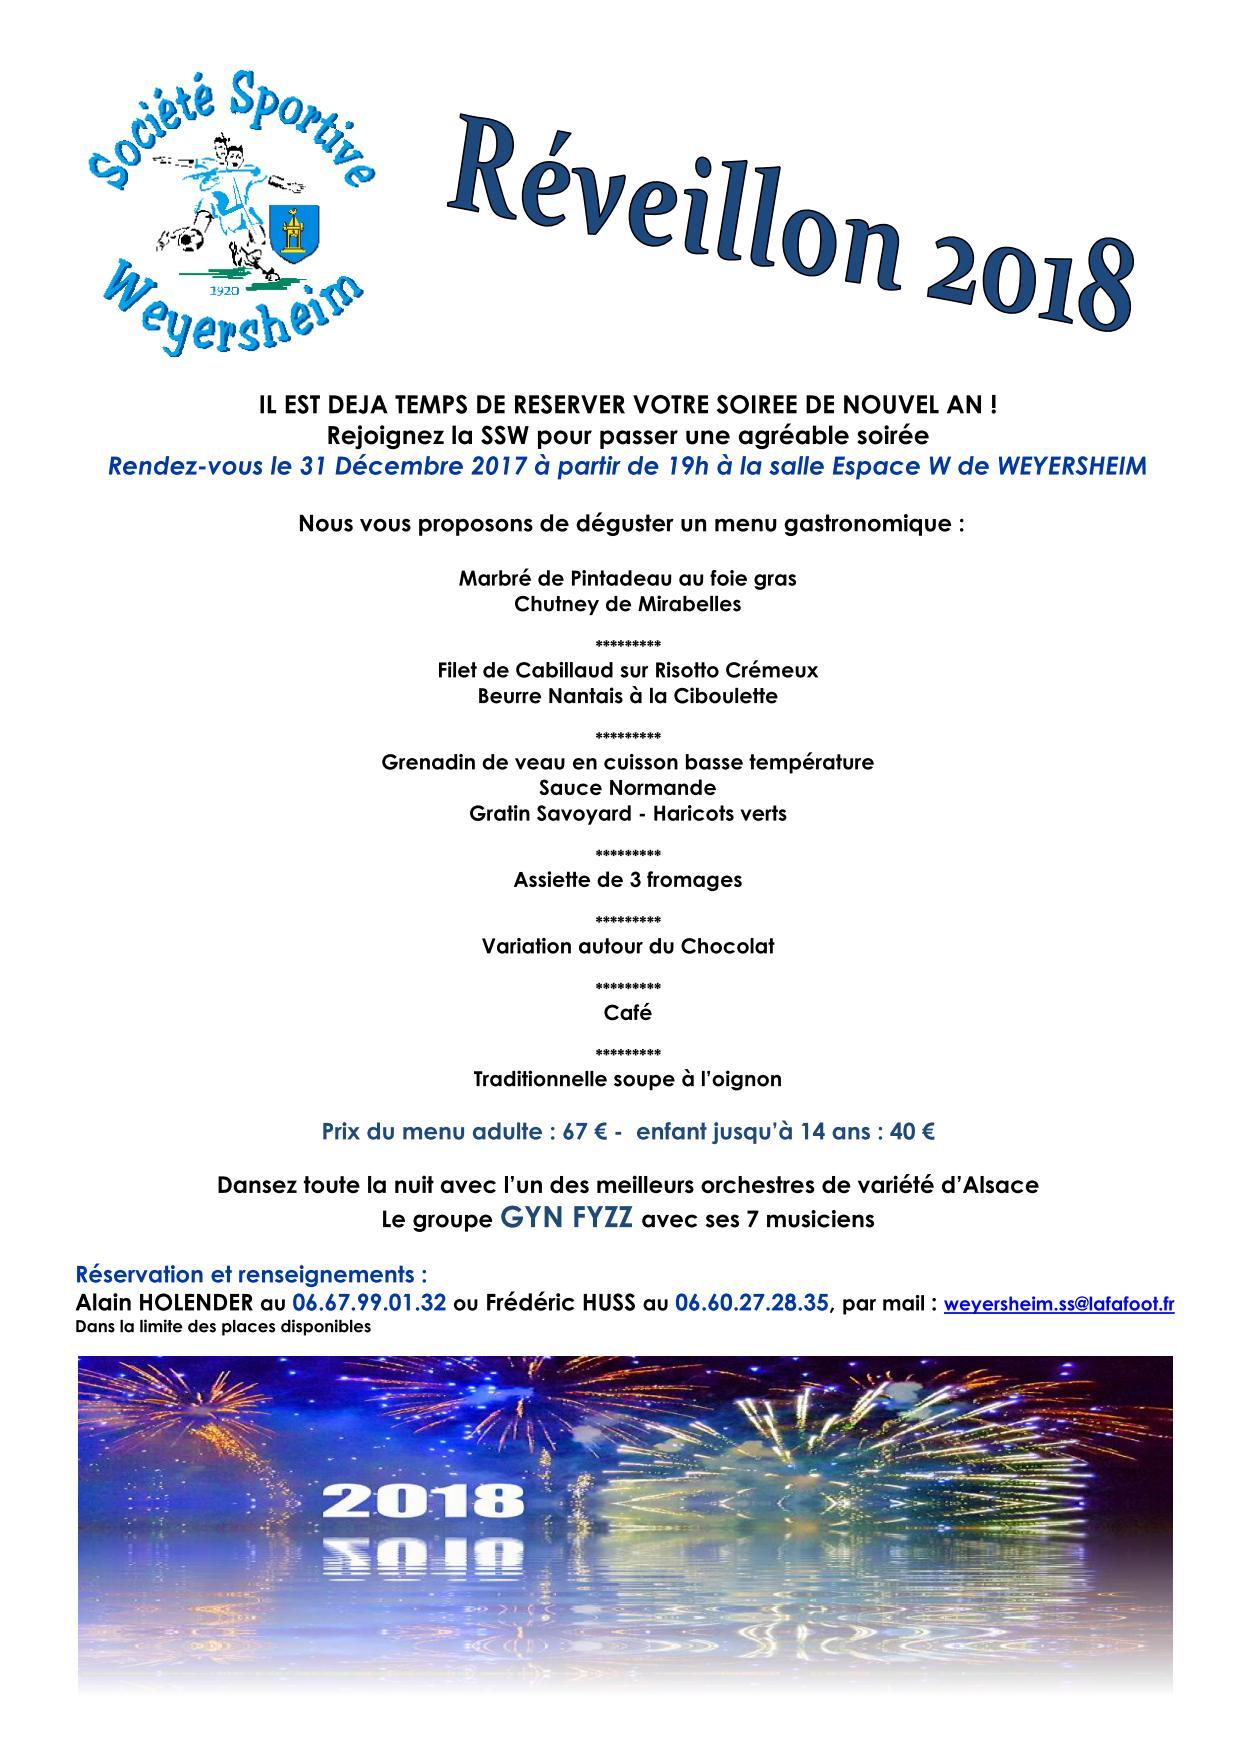 Nouvel An 2017 2018 Passez La St Sylvestre Avec La Ssw La